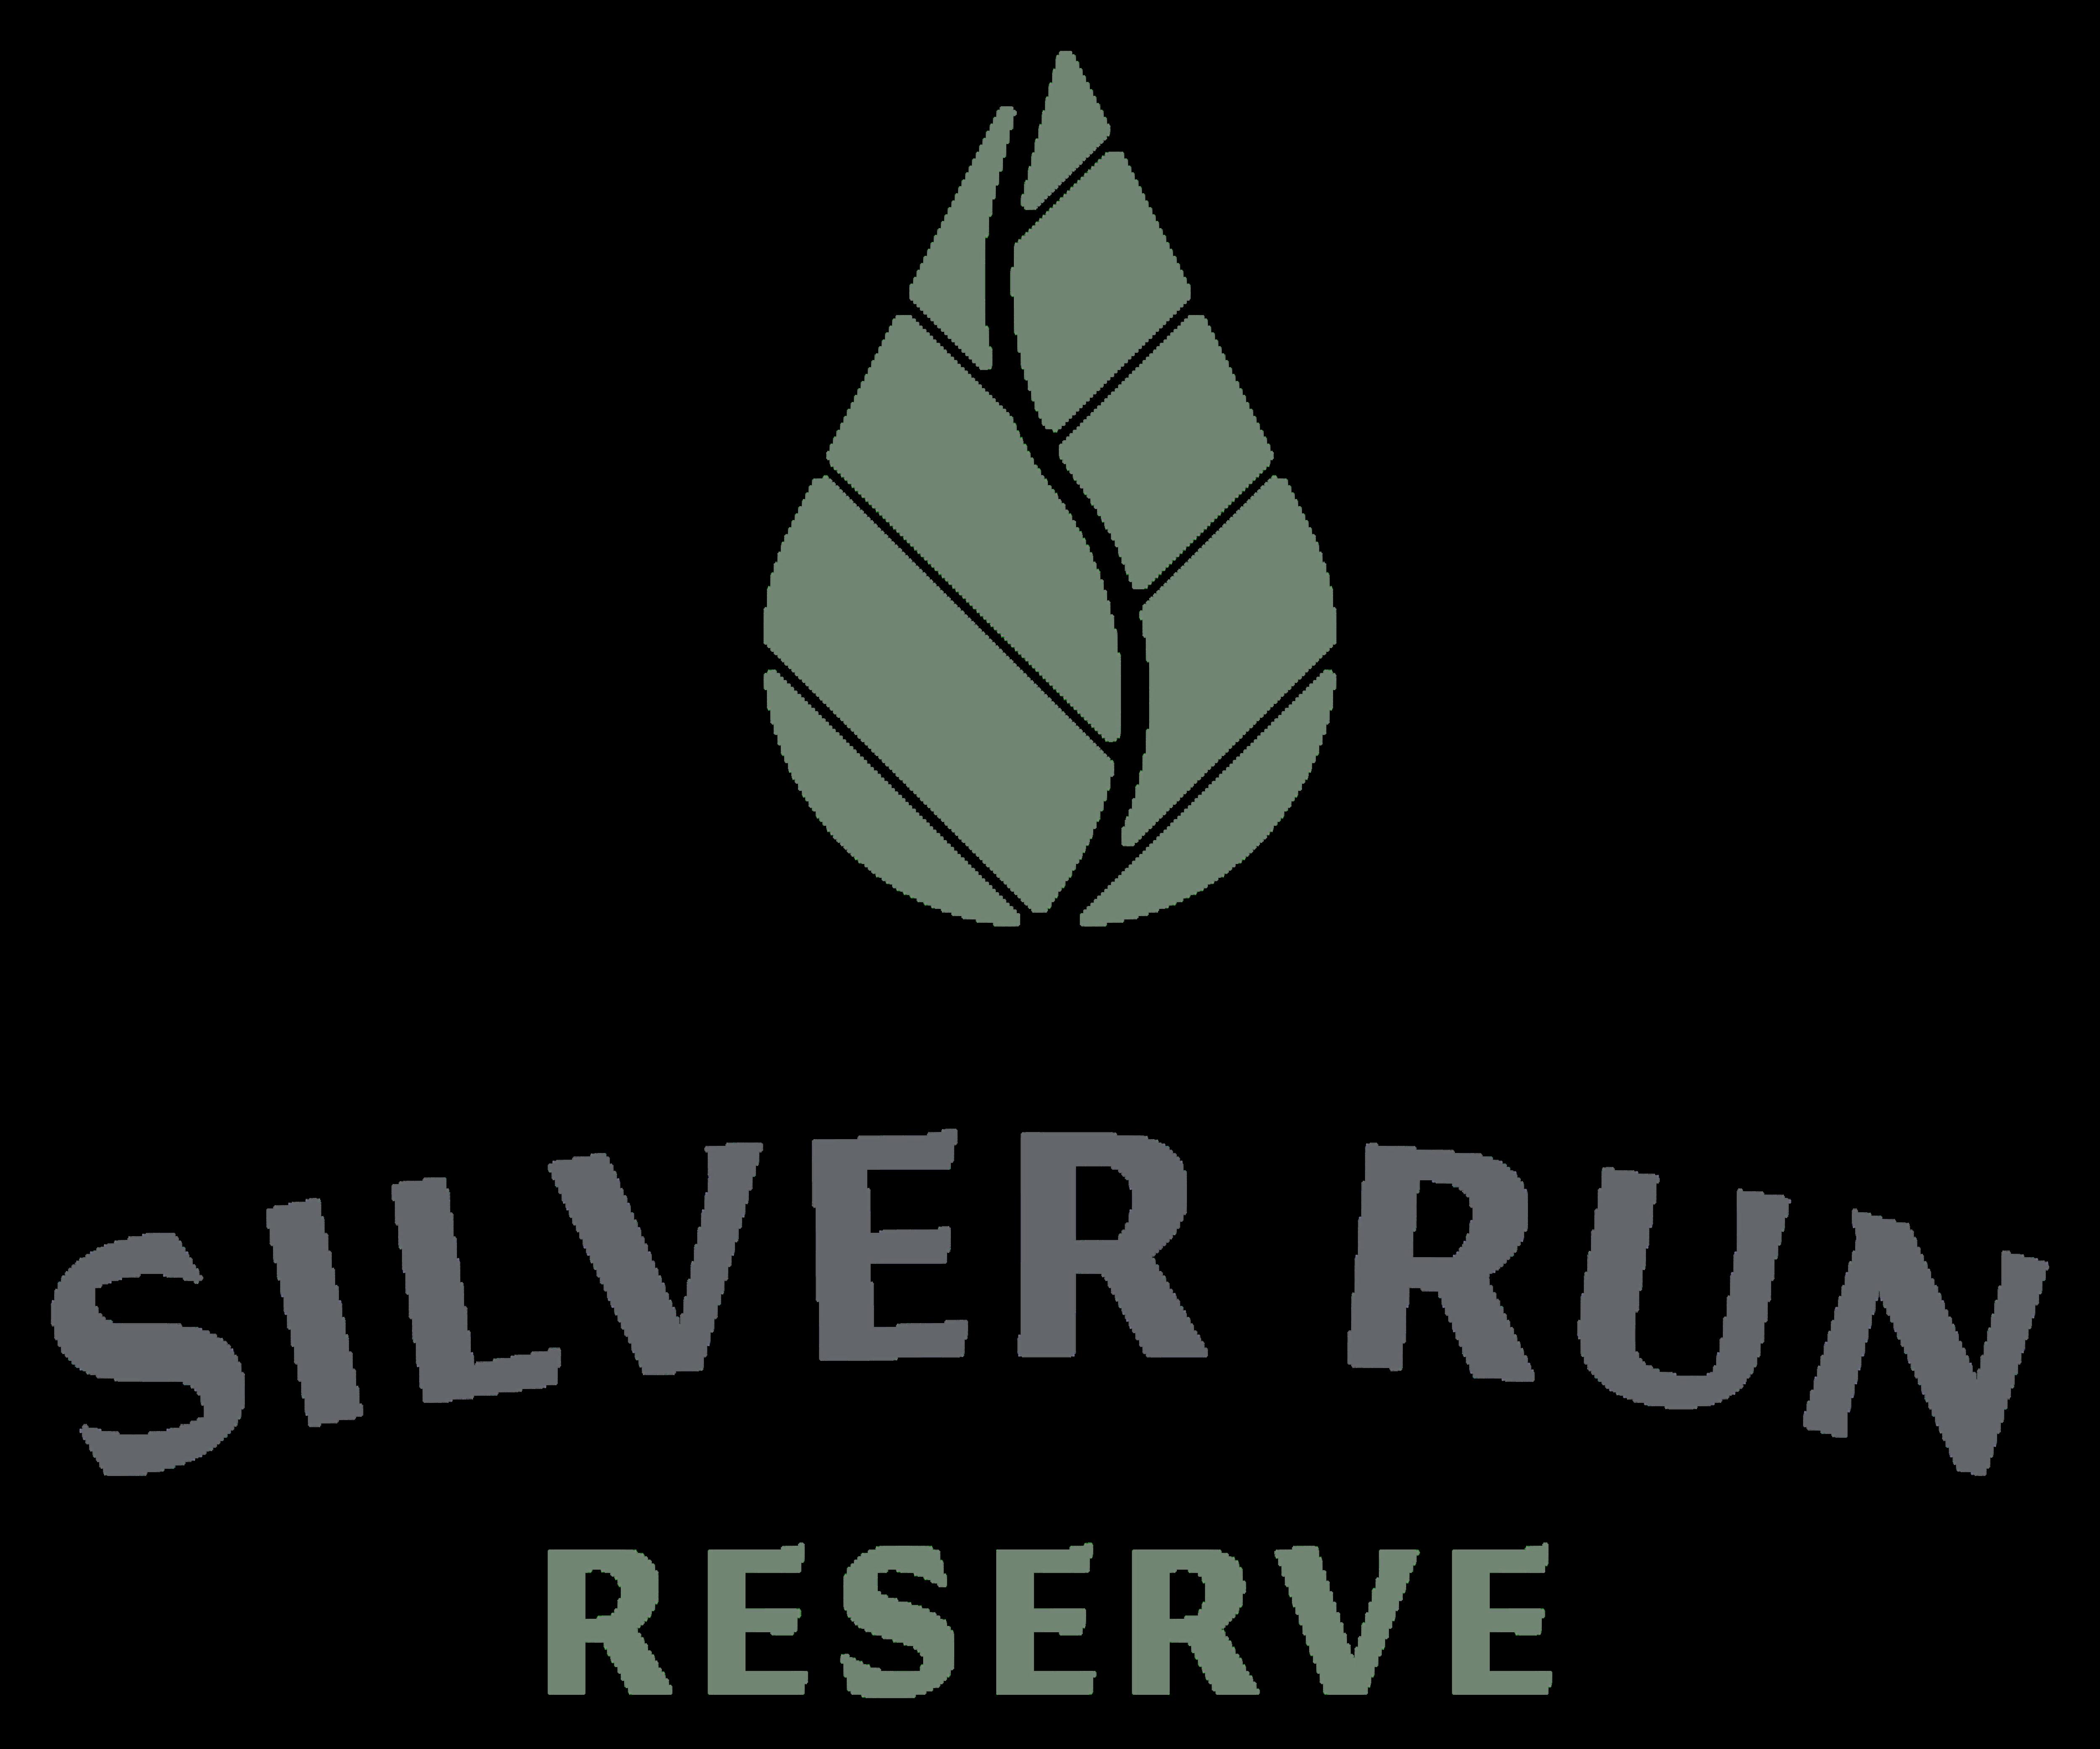 Silver Run Reserve logo